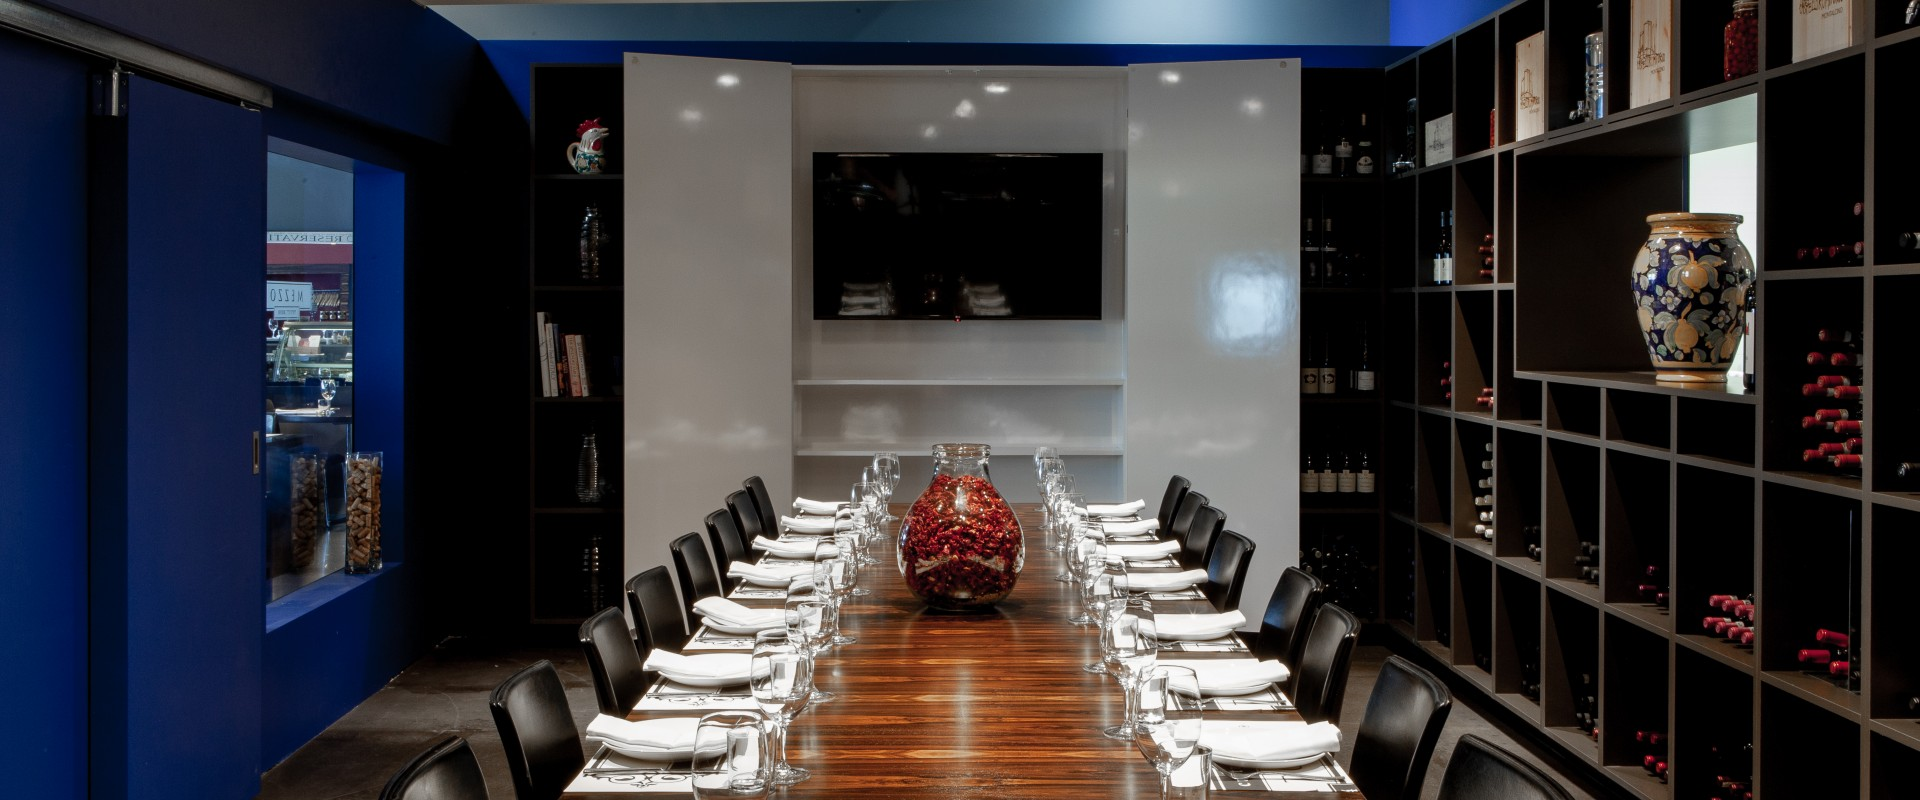 Events Private Dining 2 Mercato Privateroom 2 En